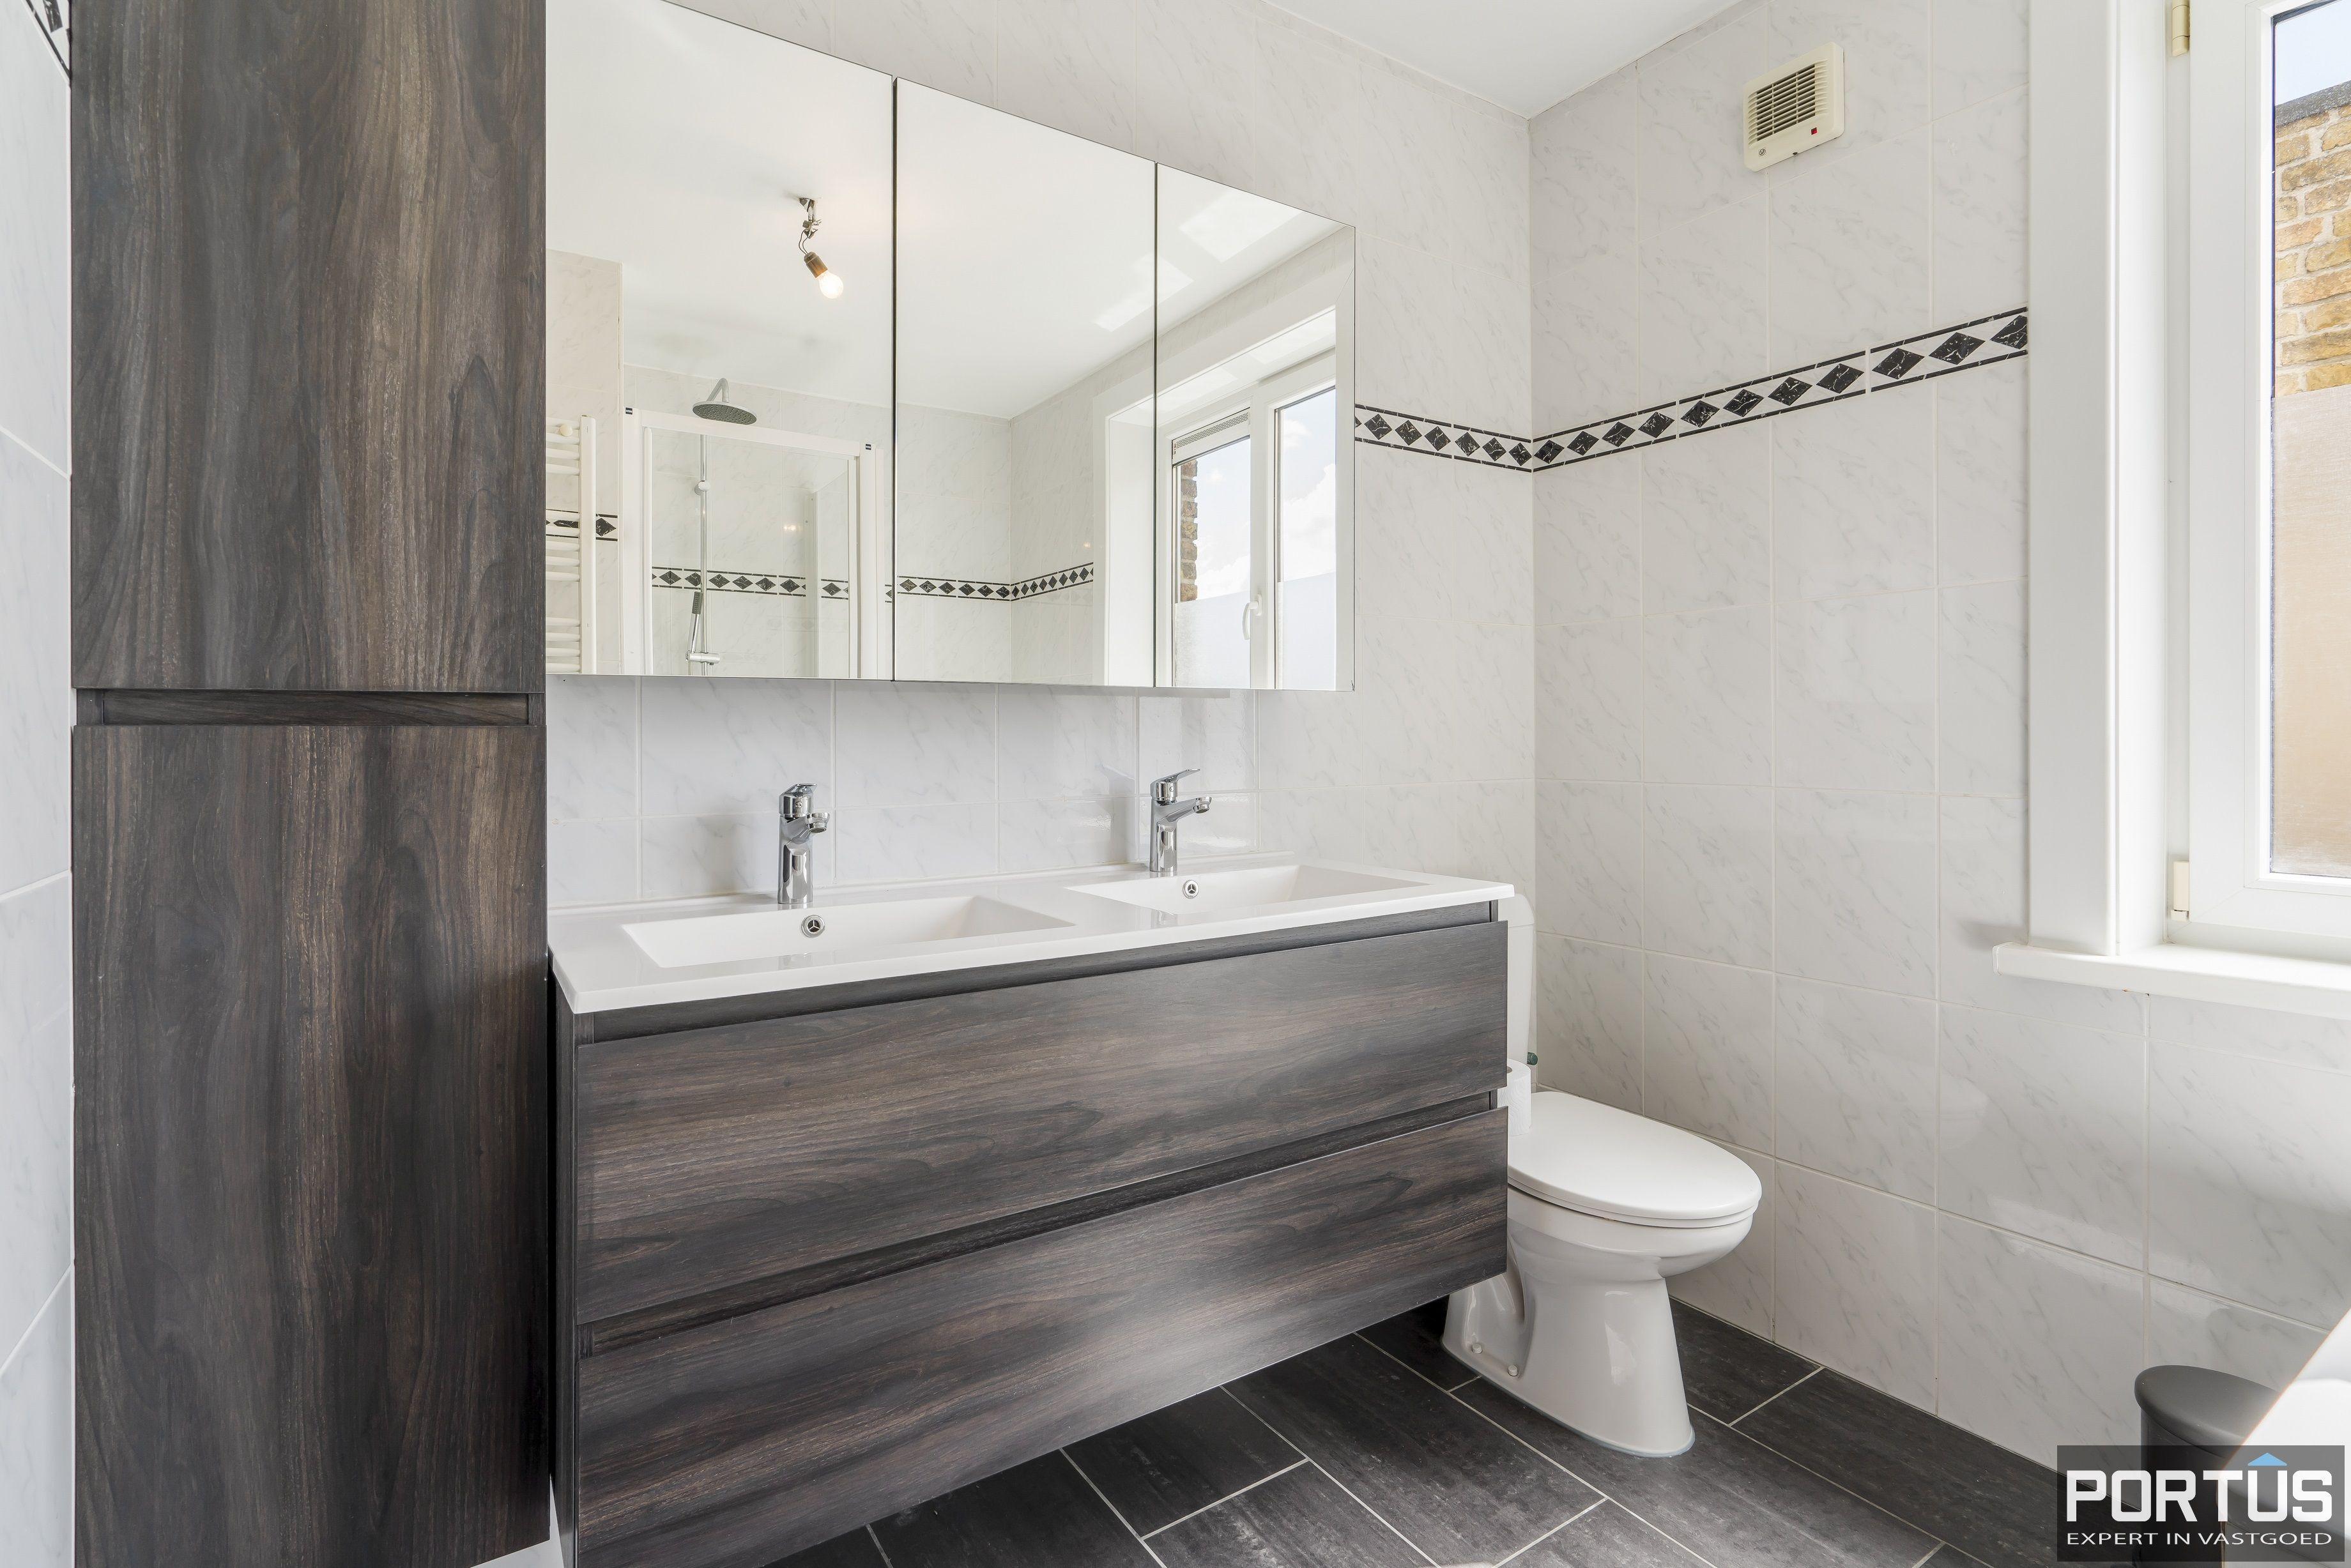 Appartement met 3 slaapkamers te koop te Westende - 13520